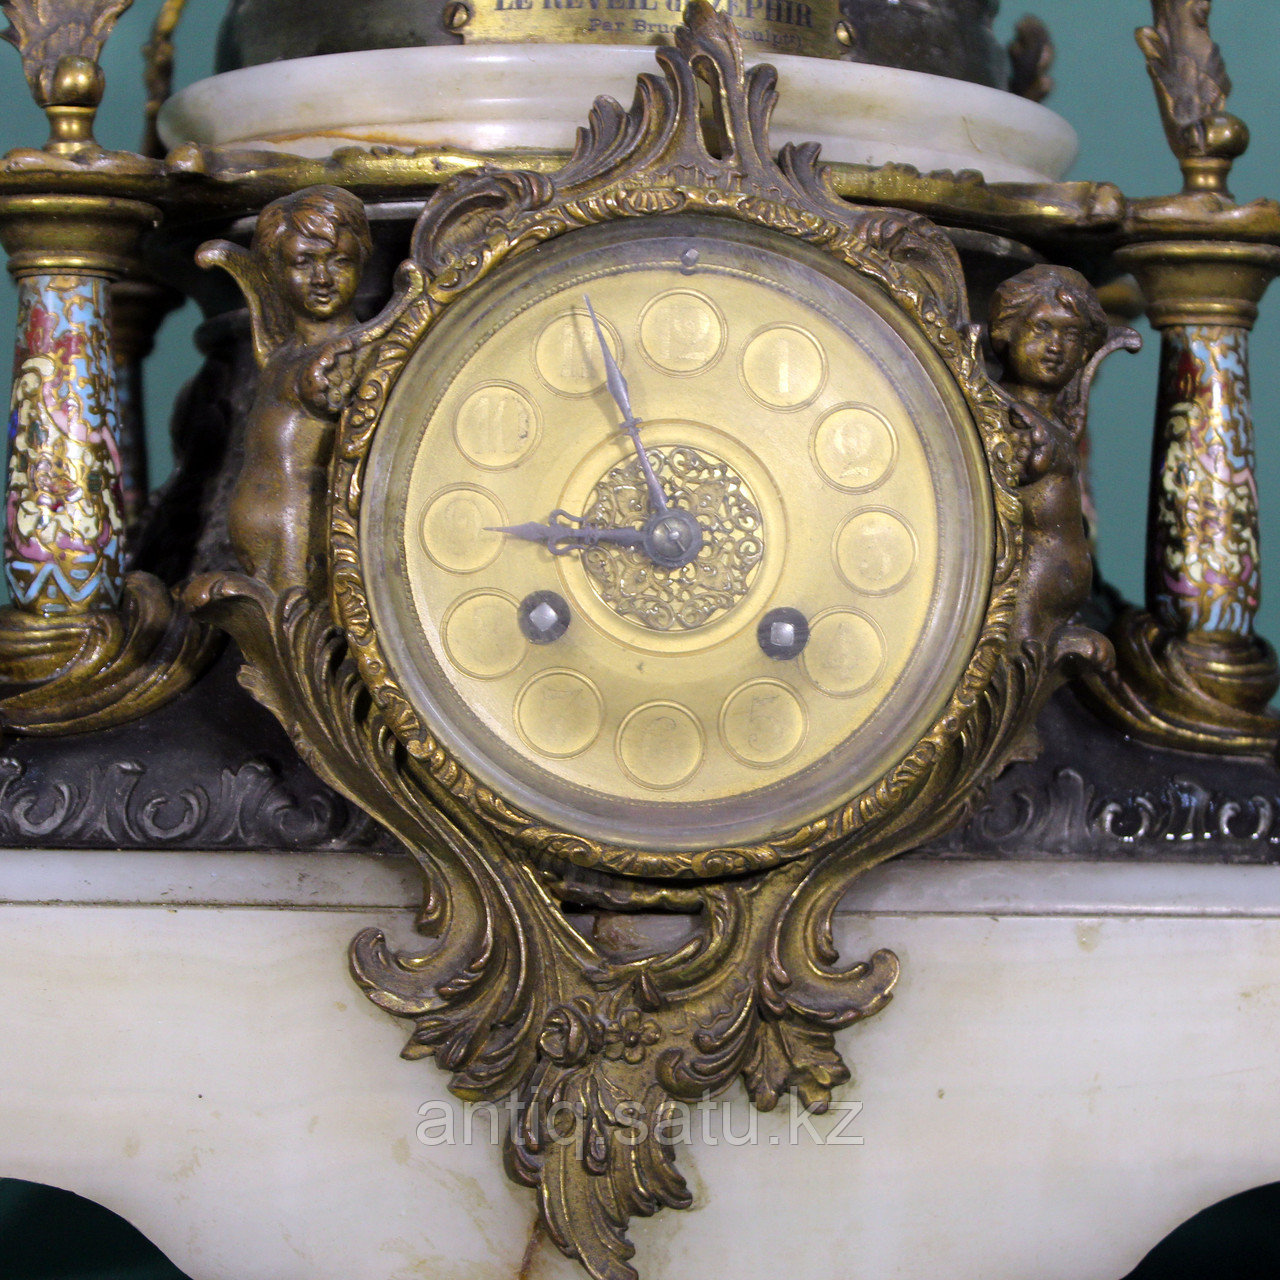 Каминные часы в стиле Историзм Часовая мастерская S. Marti Скульптор Emile Bruchon (1806-1895) - фото 7